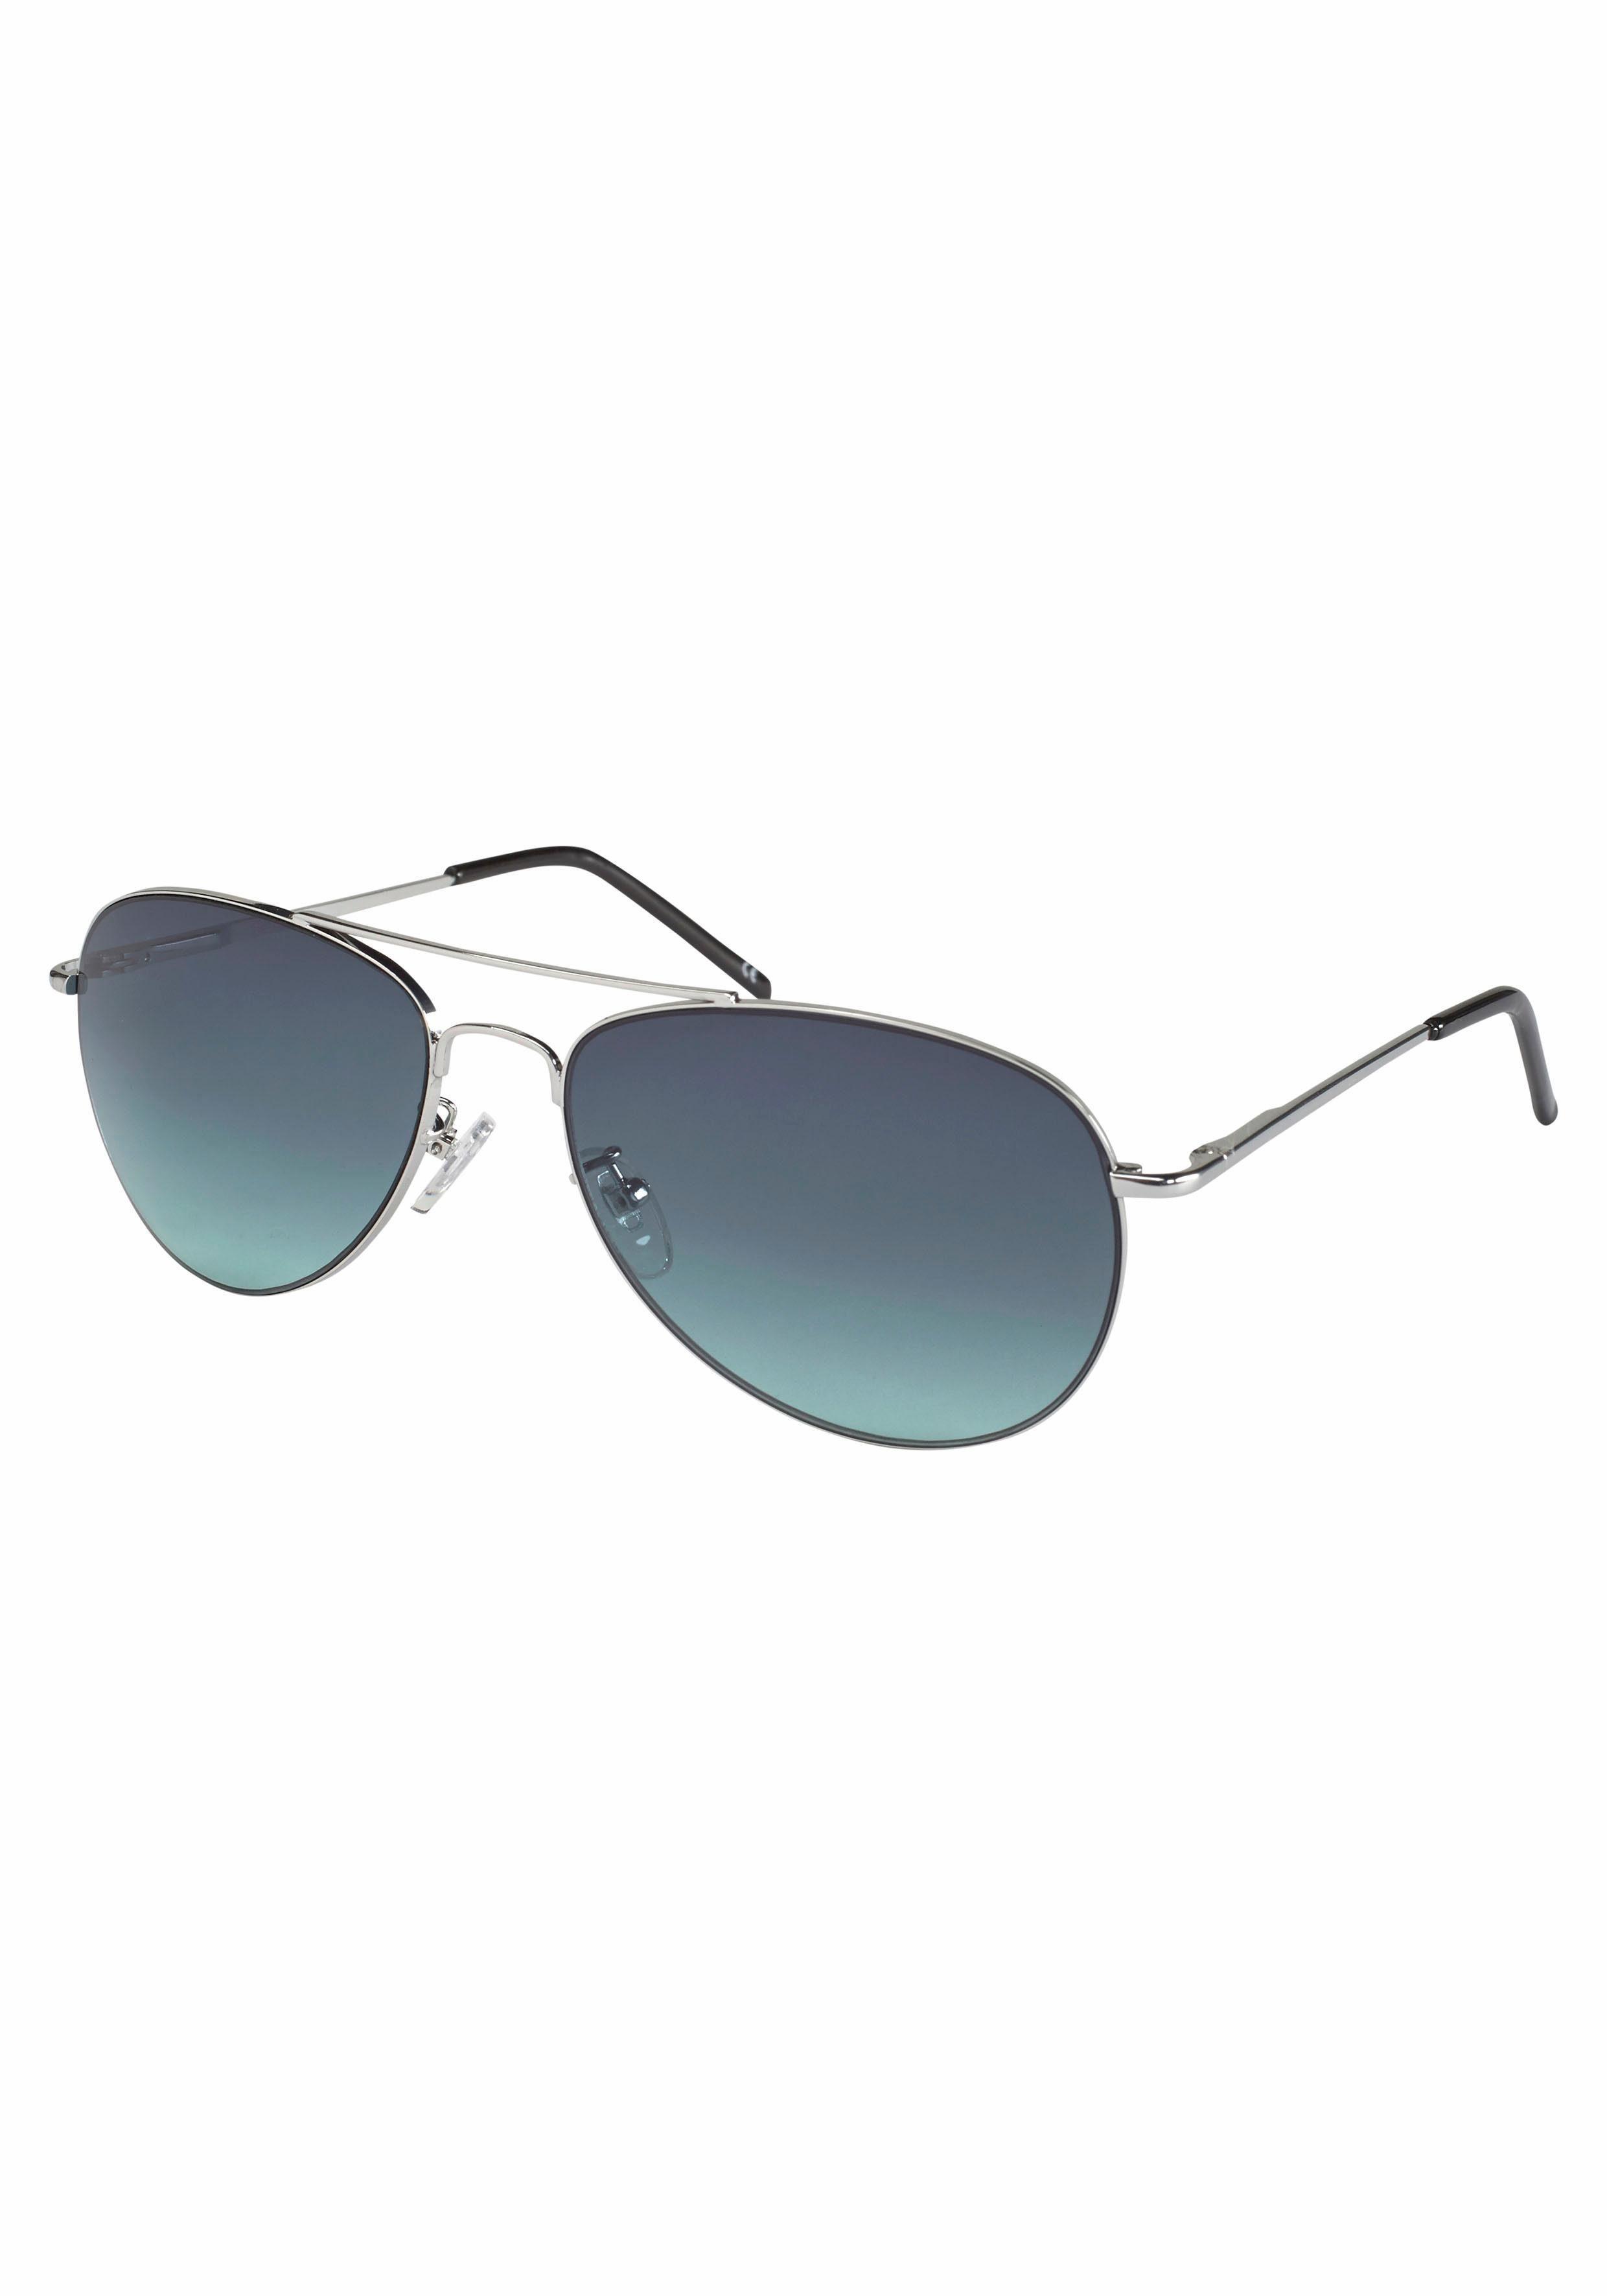 Sonnenbrille, im Piloten-Stil, Aviator Look, Metallgestell, weiß, weiß